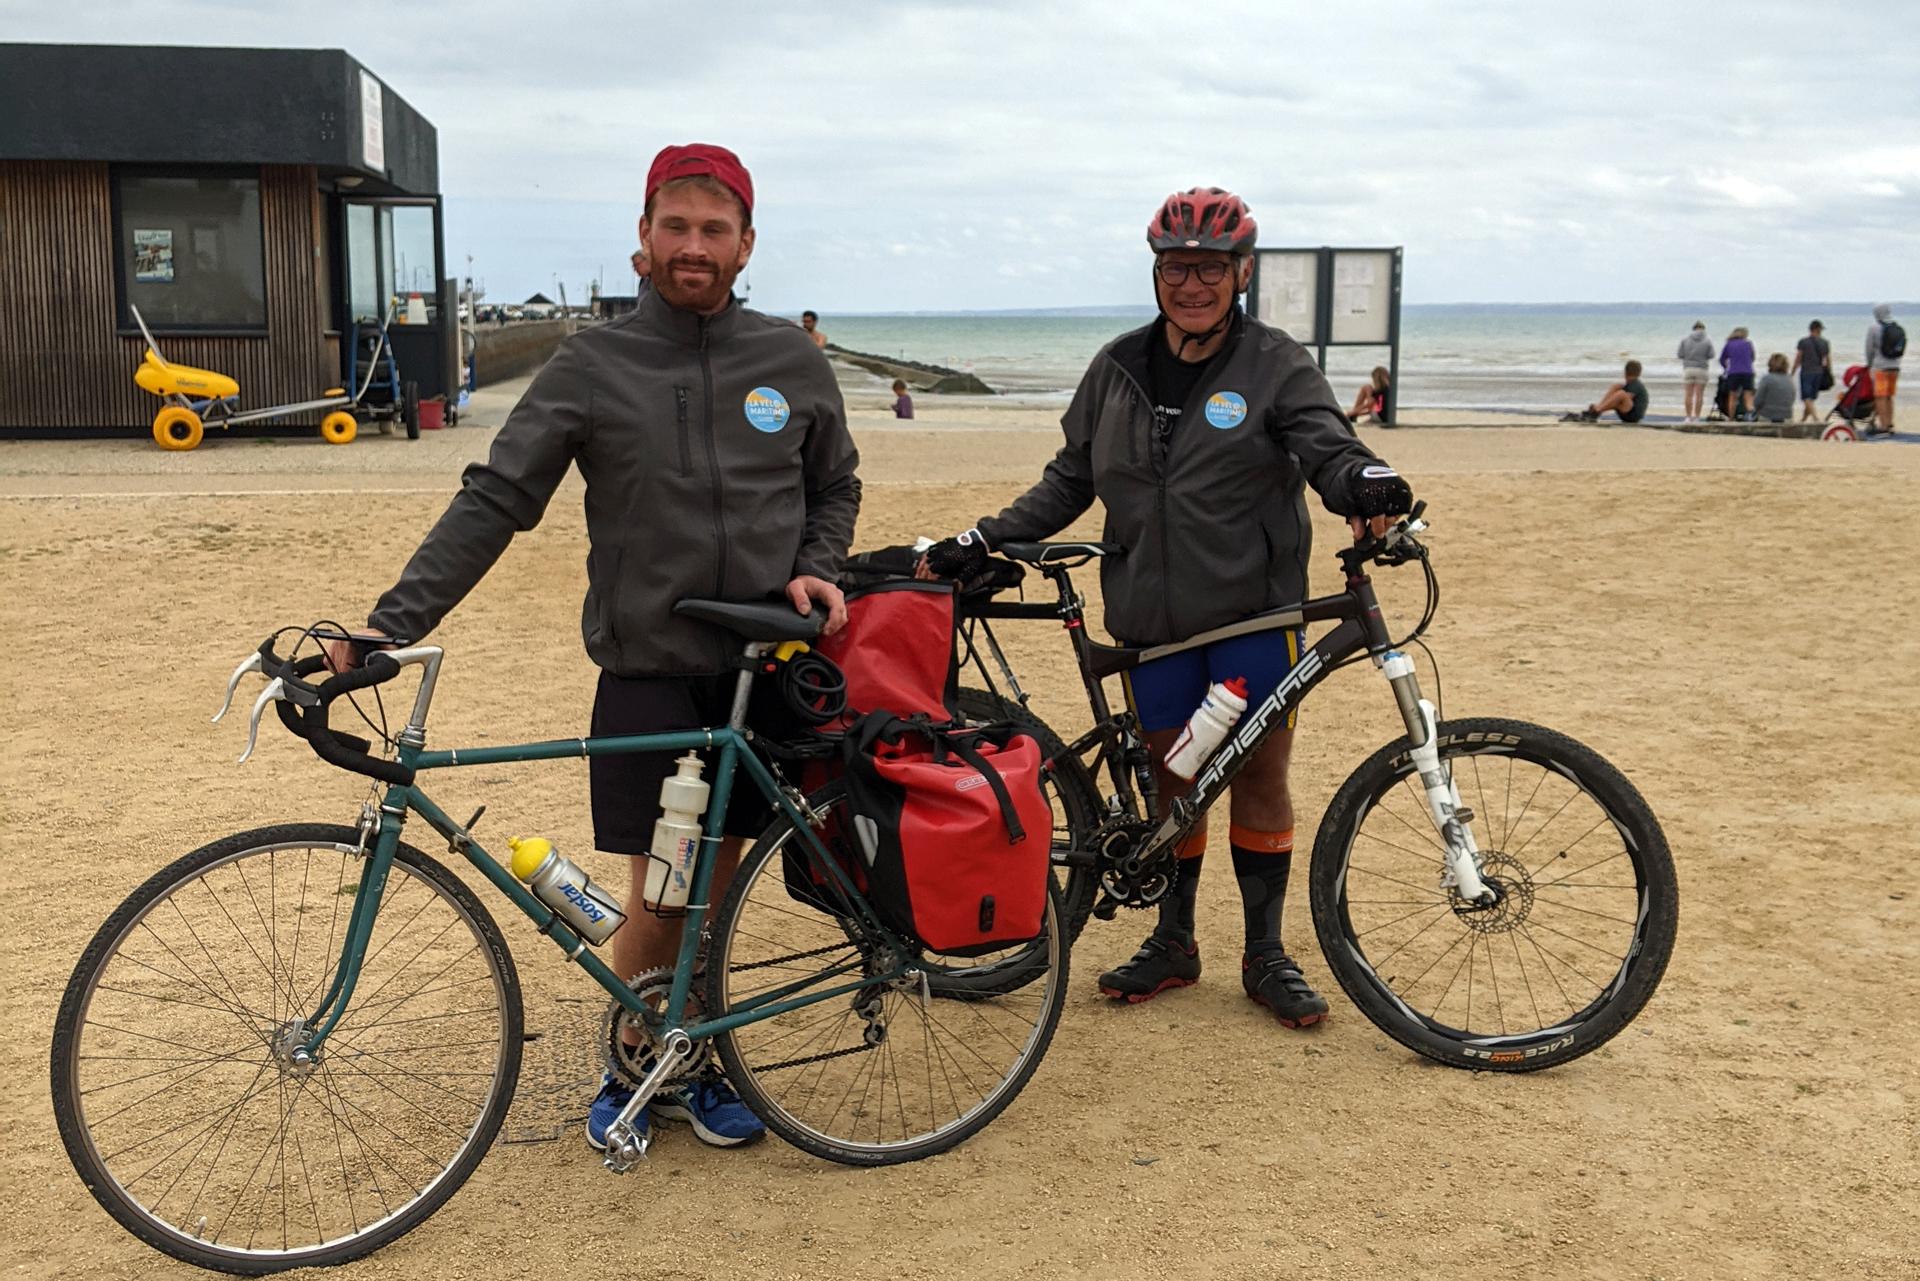 Thierry et Guillaume, Ambassadeurs de la Vélomaritime EV4